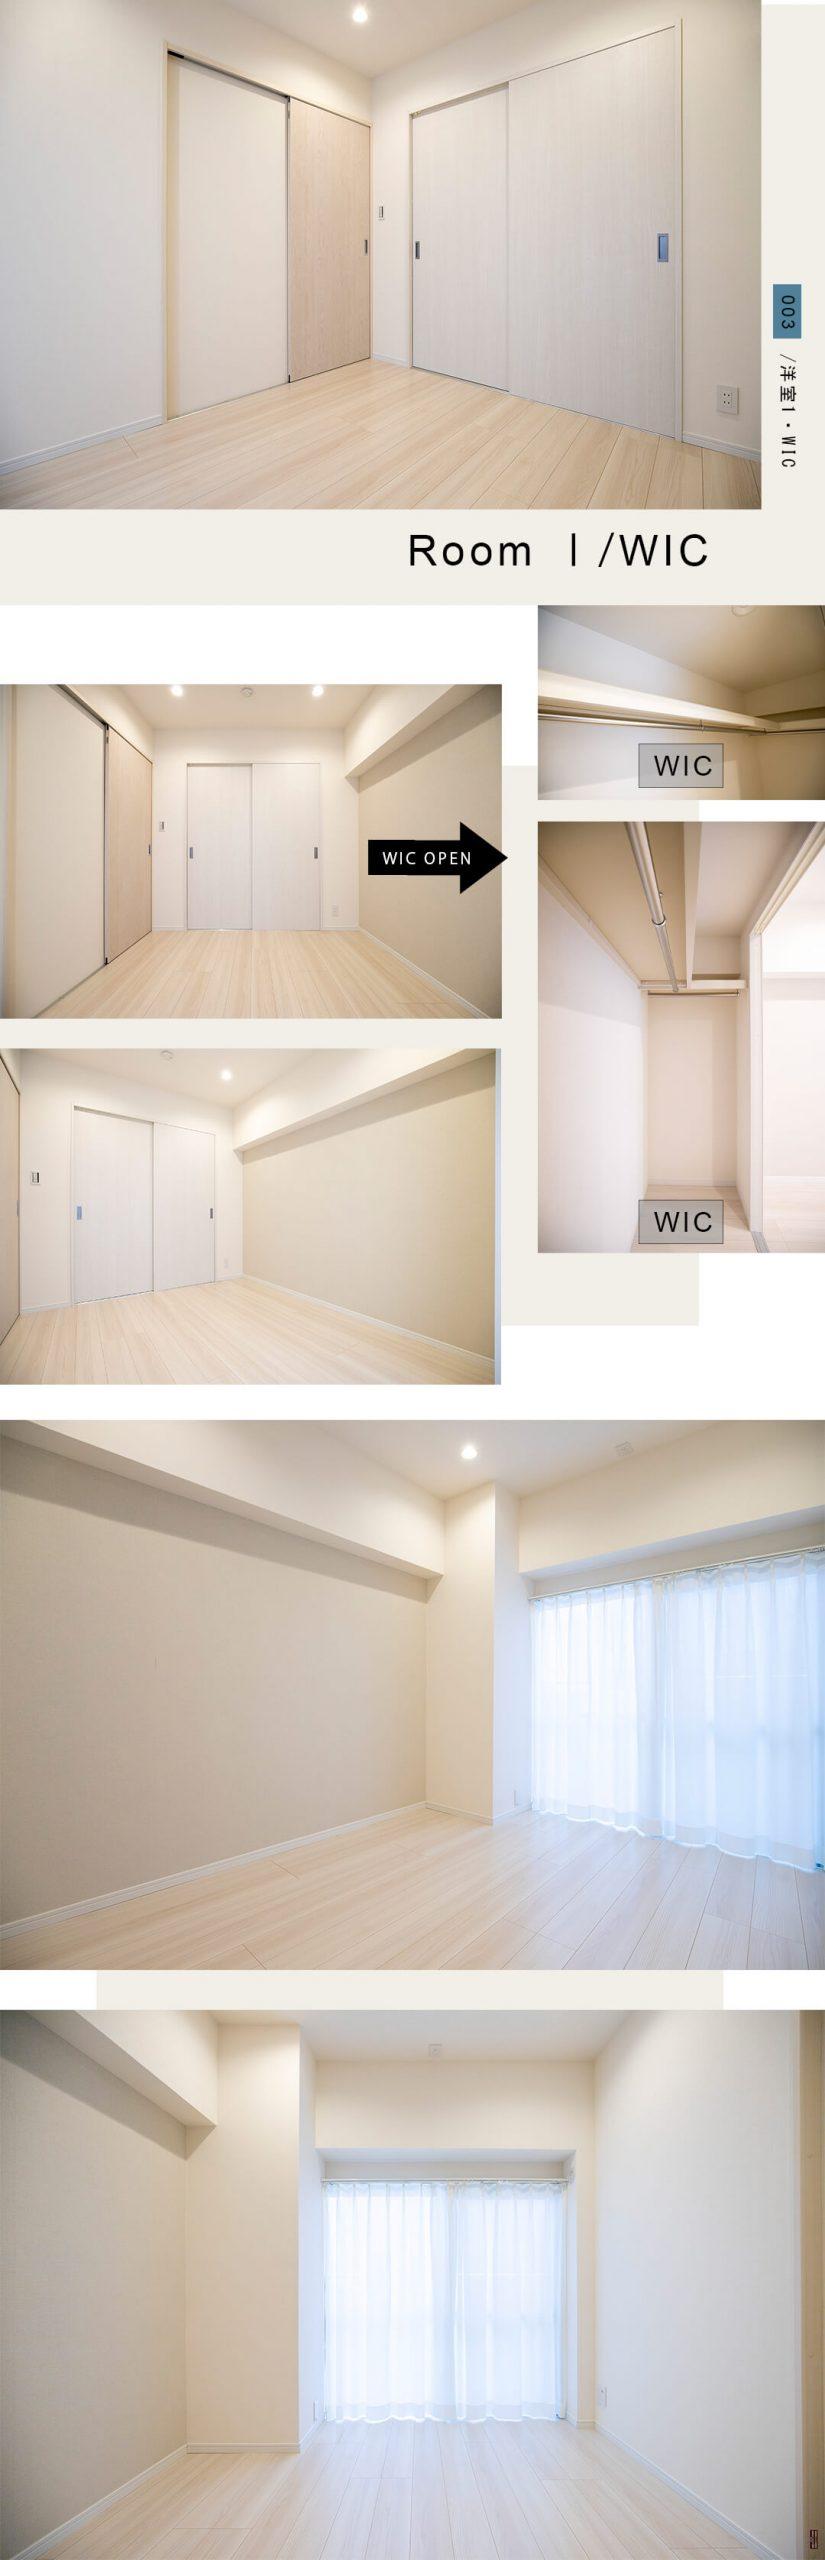 003洋室1,WIC,Room Ⅰ